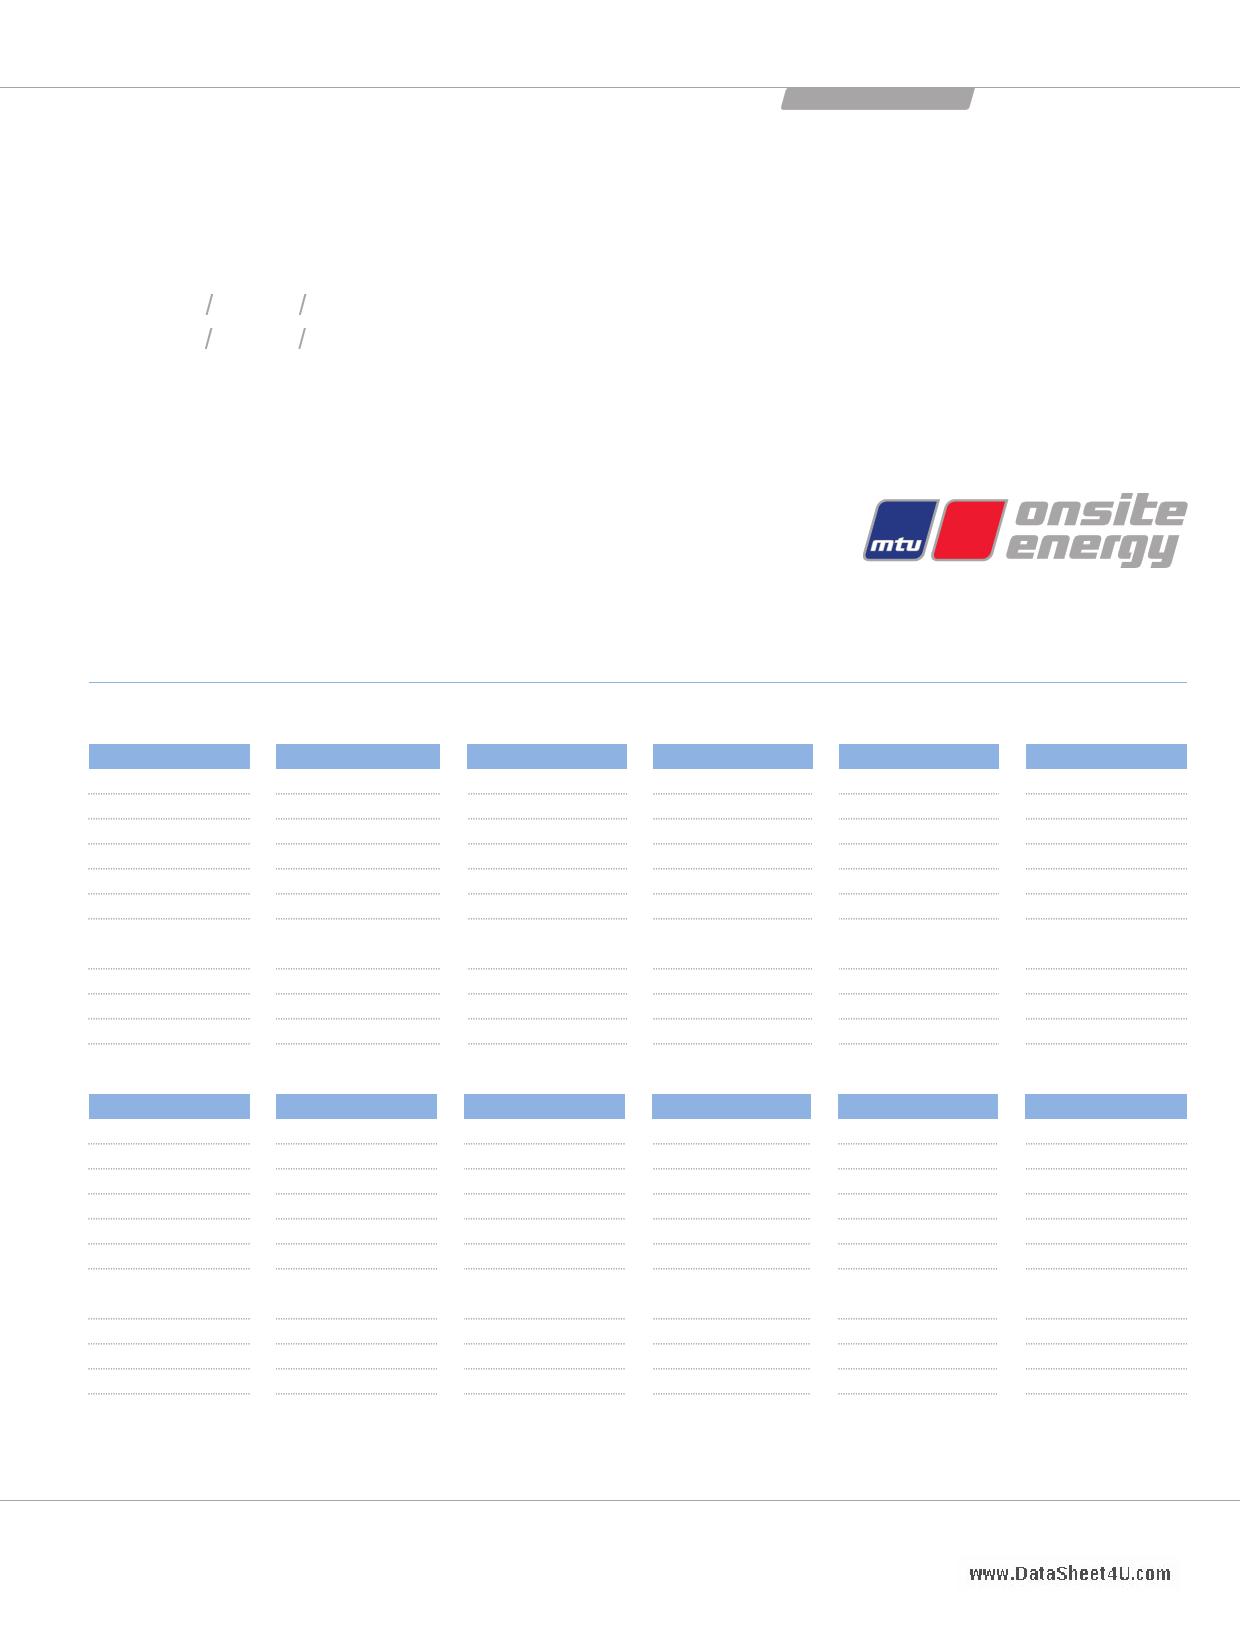 600-VC6DT2 datasheet